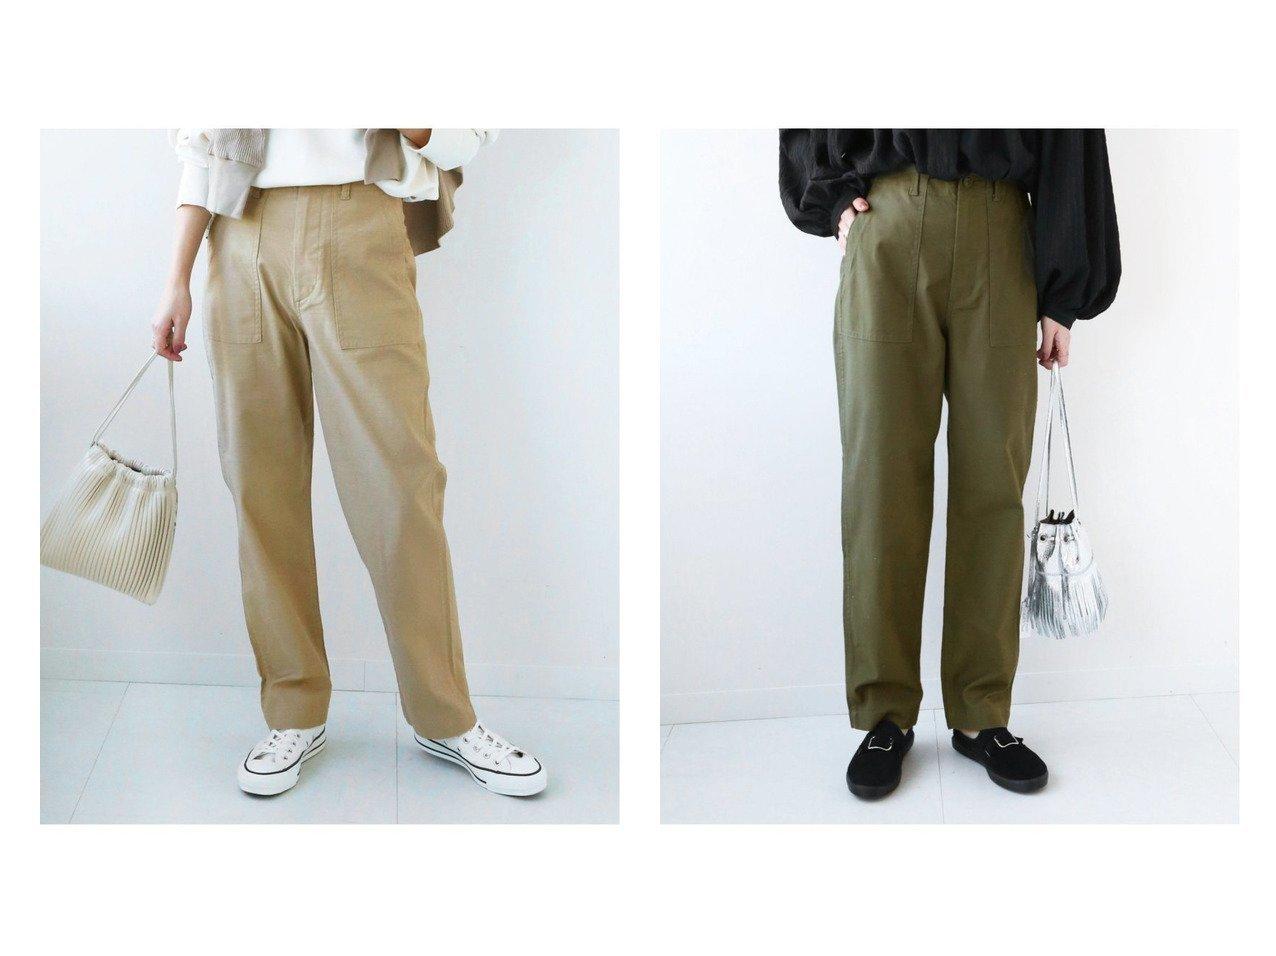 【JOURNAL STANDARD relume/ジャーナルスタンダード レリューム】のベイカーパンツ パンツのおすすめ!人気、トレンド・レディースファッションの通販 おすすめで人気の流行・トレンド、ファッションの通販商品 メンズファッション・キッズファッション・インテリア・家具・レディースファッション・服の通販 founy(ファニー) https://founy.com/ ファッション Fashion レディースファッション WOMEN パンツ Pants 2021年 2021 2021 春夏 S/S SS Spring/Summer 2021 S/S 春夏 SS Spring/Summer カーゴパンツ ジーンズ 定番 Standard |ID:crp329100000023833